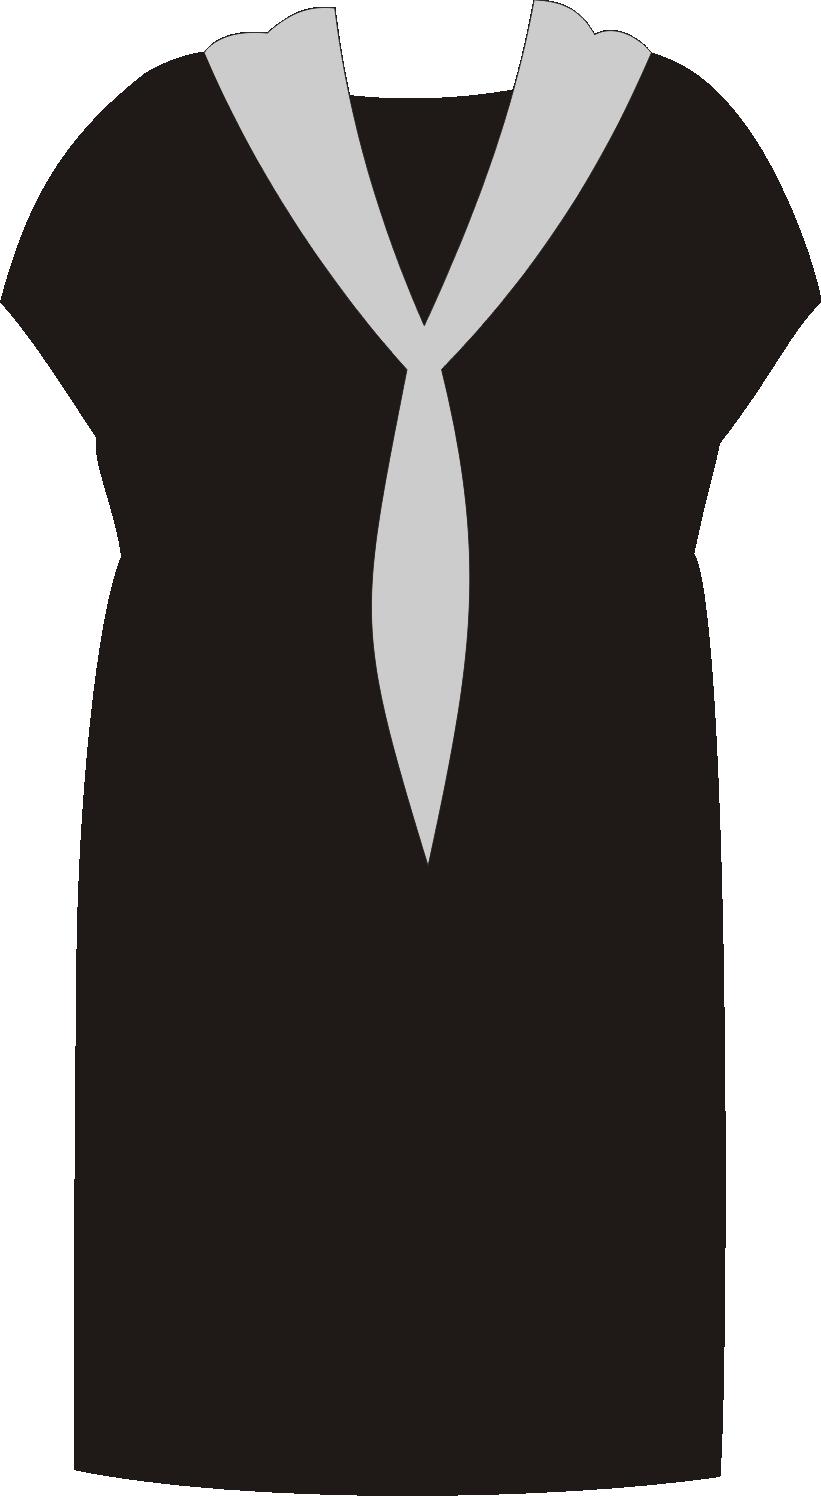 платок, повязанный как галстук, стройнит